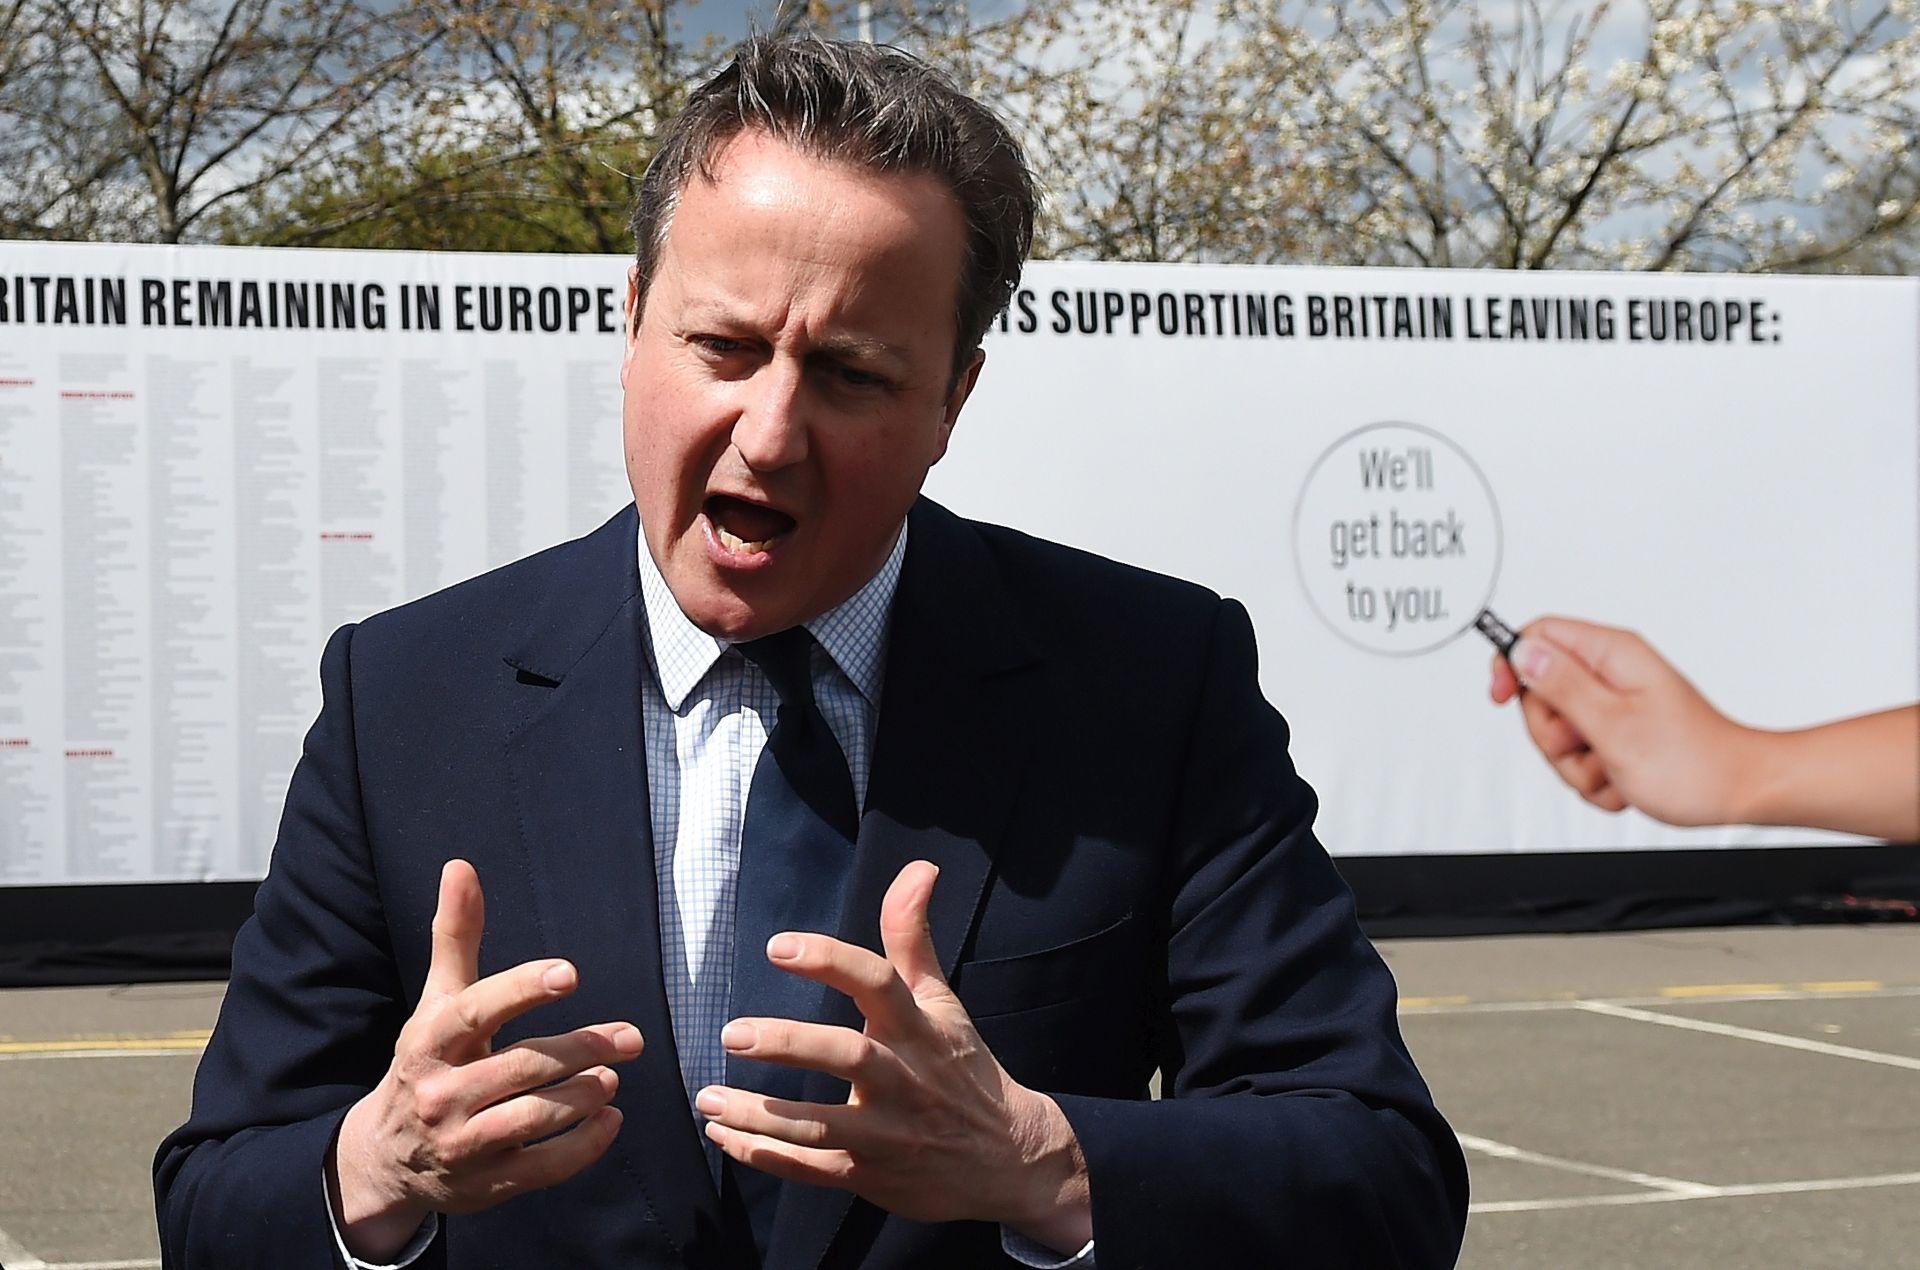 BREXIT: Cameron upozorava da bi izlazak iz EU ugrozio mir u Europi